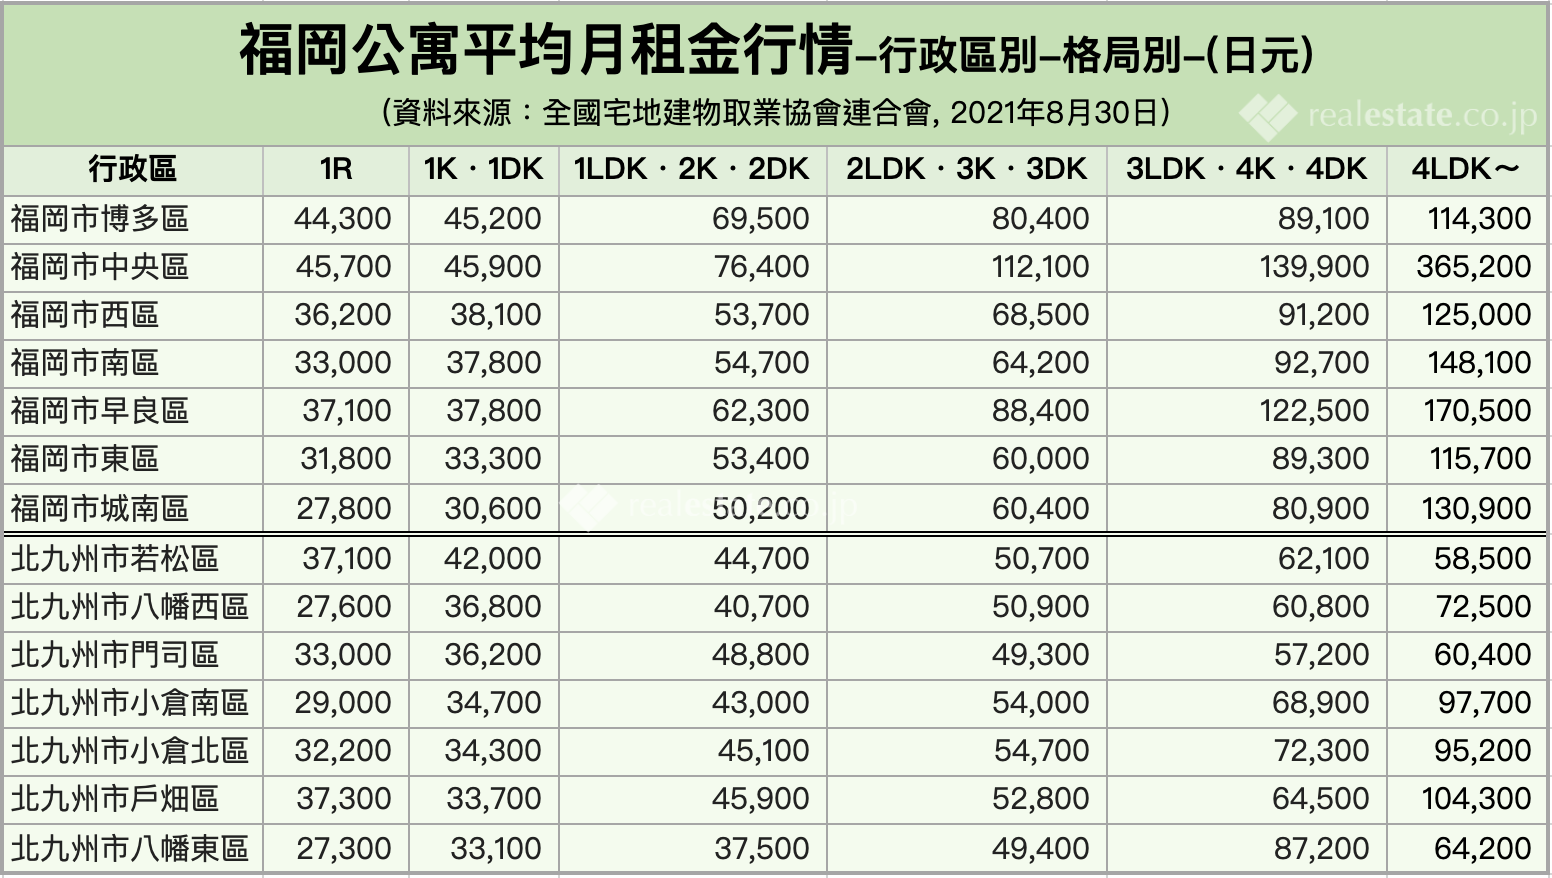 福岡公寓平均月租金行情-行政區別-格局別-202108